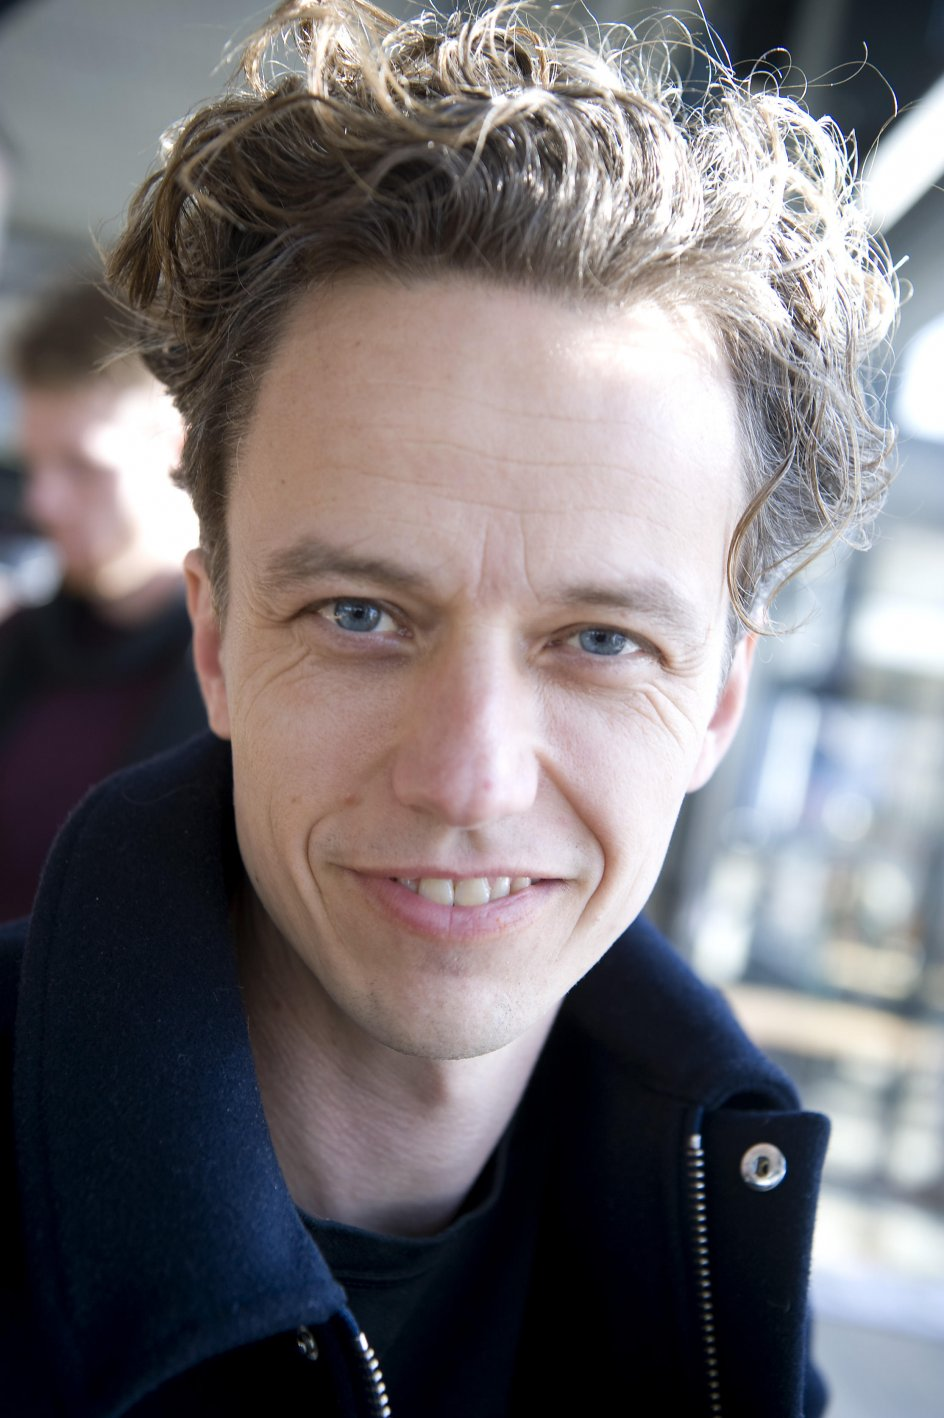 Anders Haahr Rasmussen, journalist og forfatter. Fotograferet i Torvehallerne blandt andre mænd.